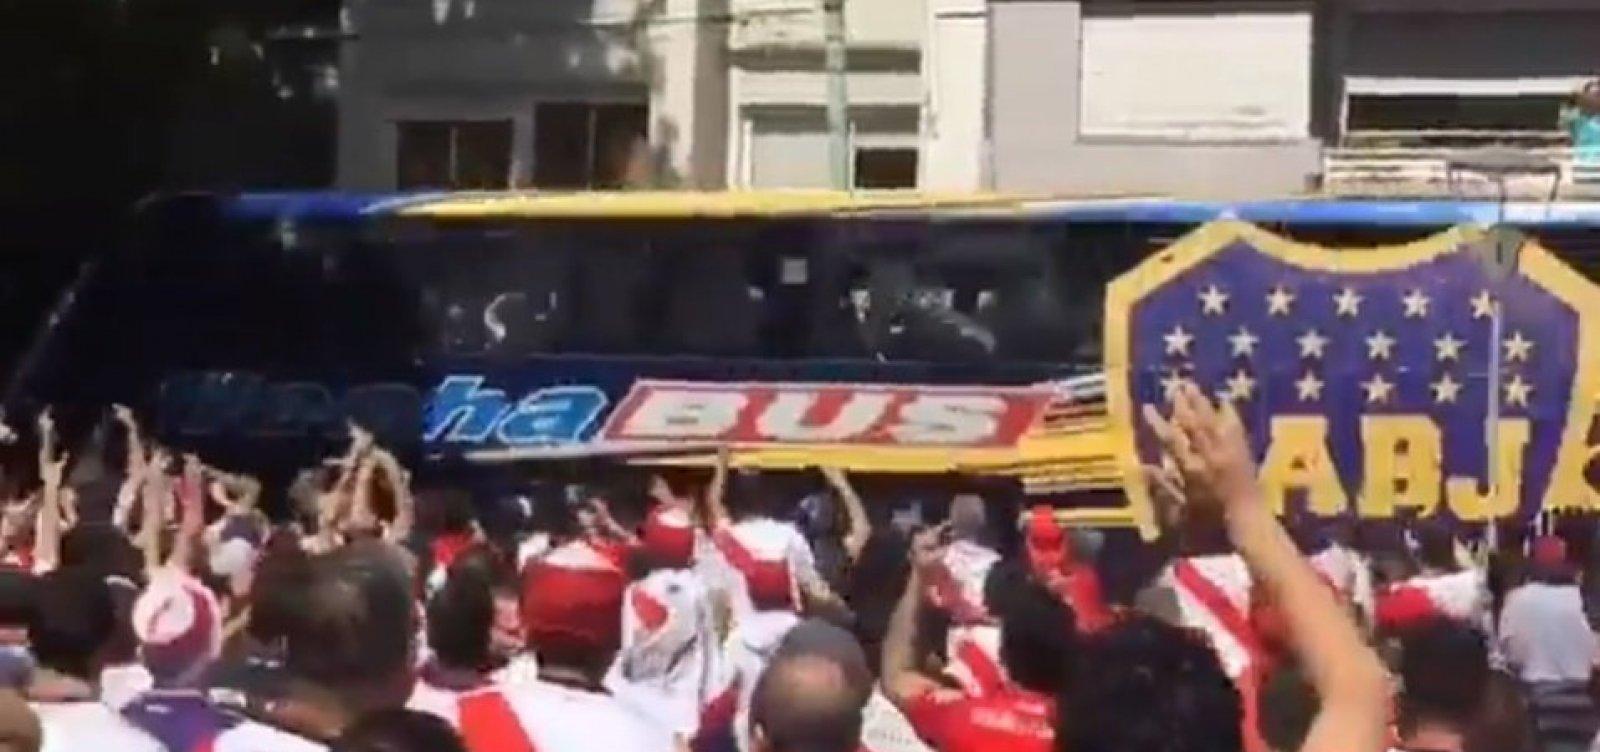 [Boca pede suspensão da final da Libertadores; jogadores reclamam: 'Que deem a taça ao River']